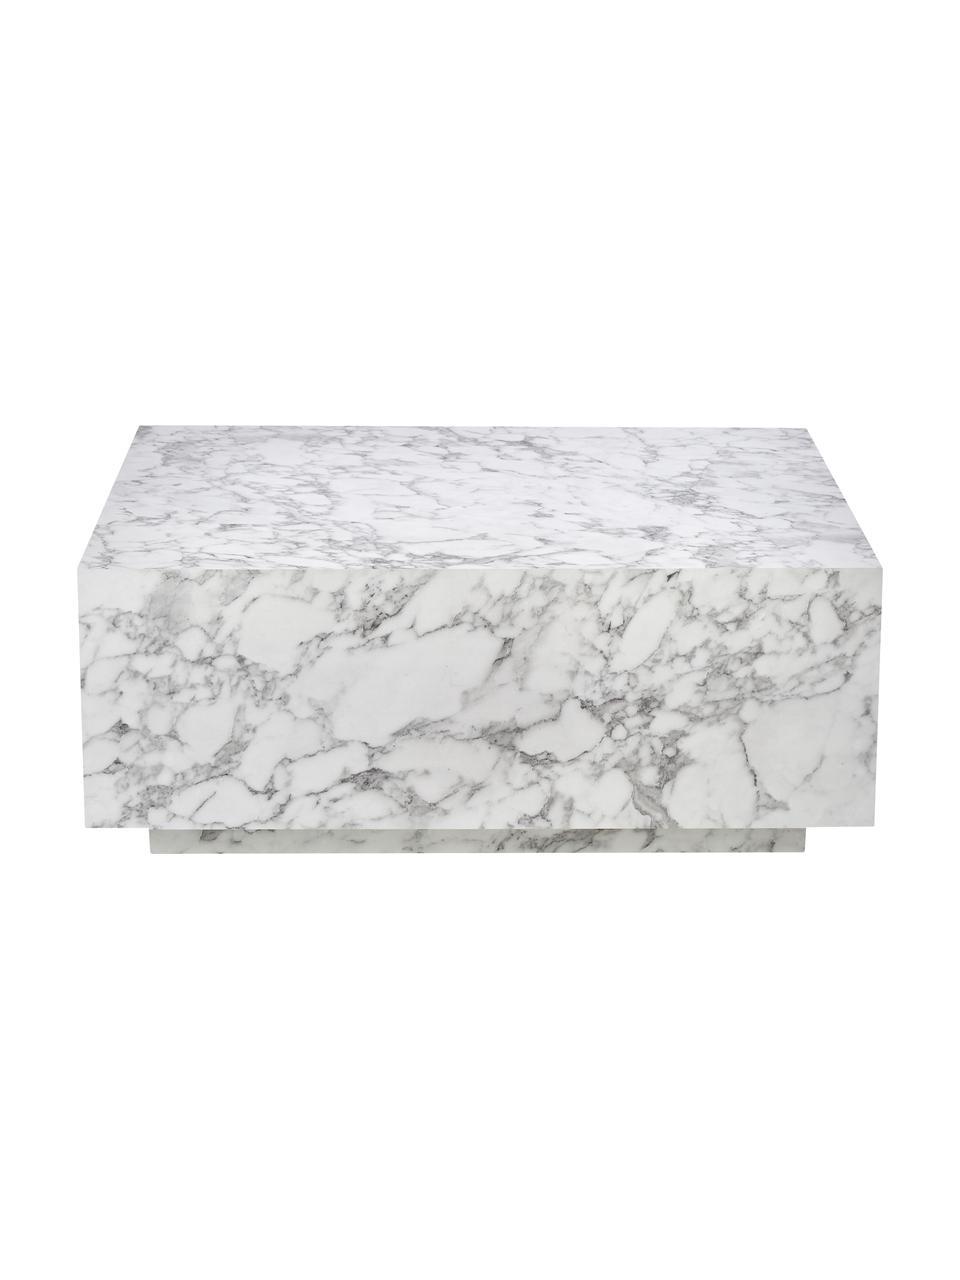 Zwevende salontafel Lesley met marmerlook, MDF bekleed met melaminefolie, Wit, gemarmerd, 90 x 35 cm